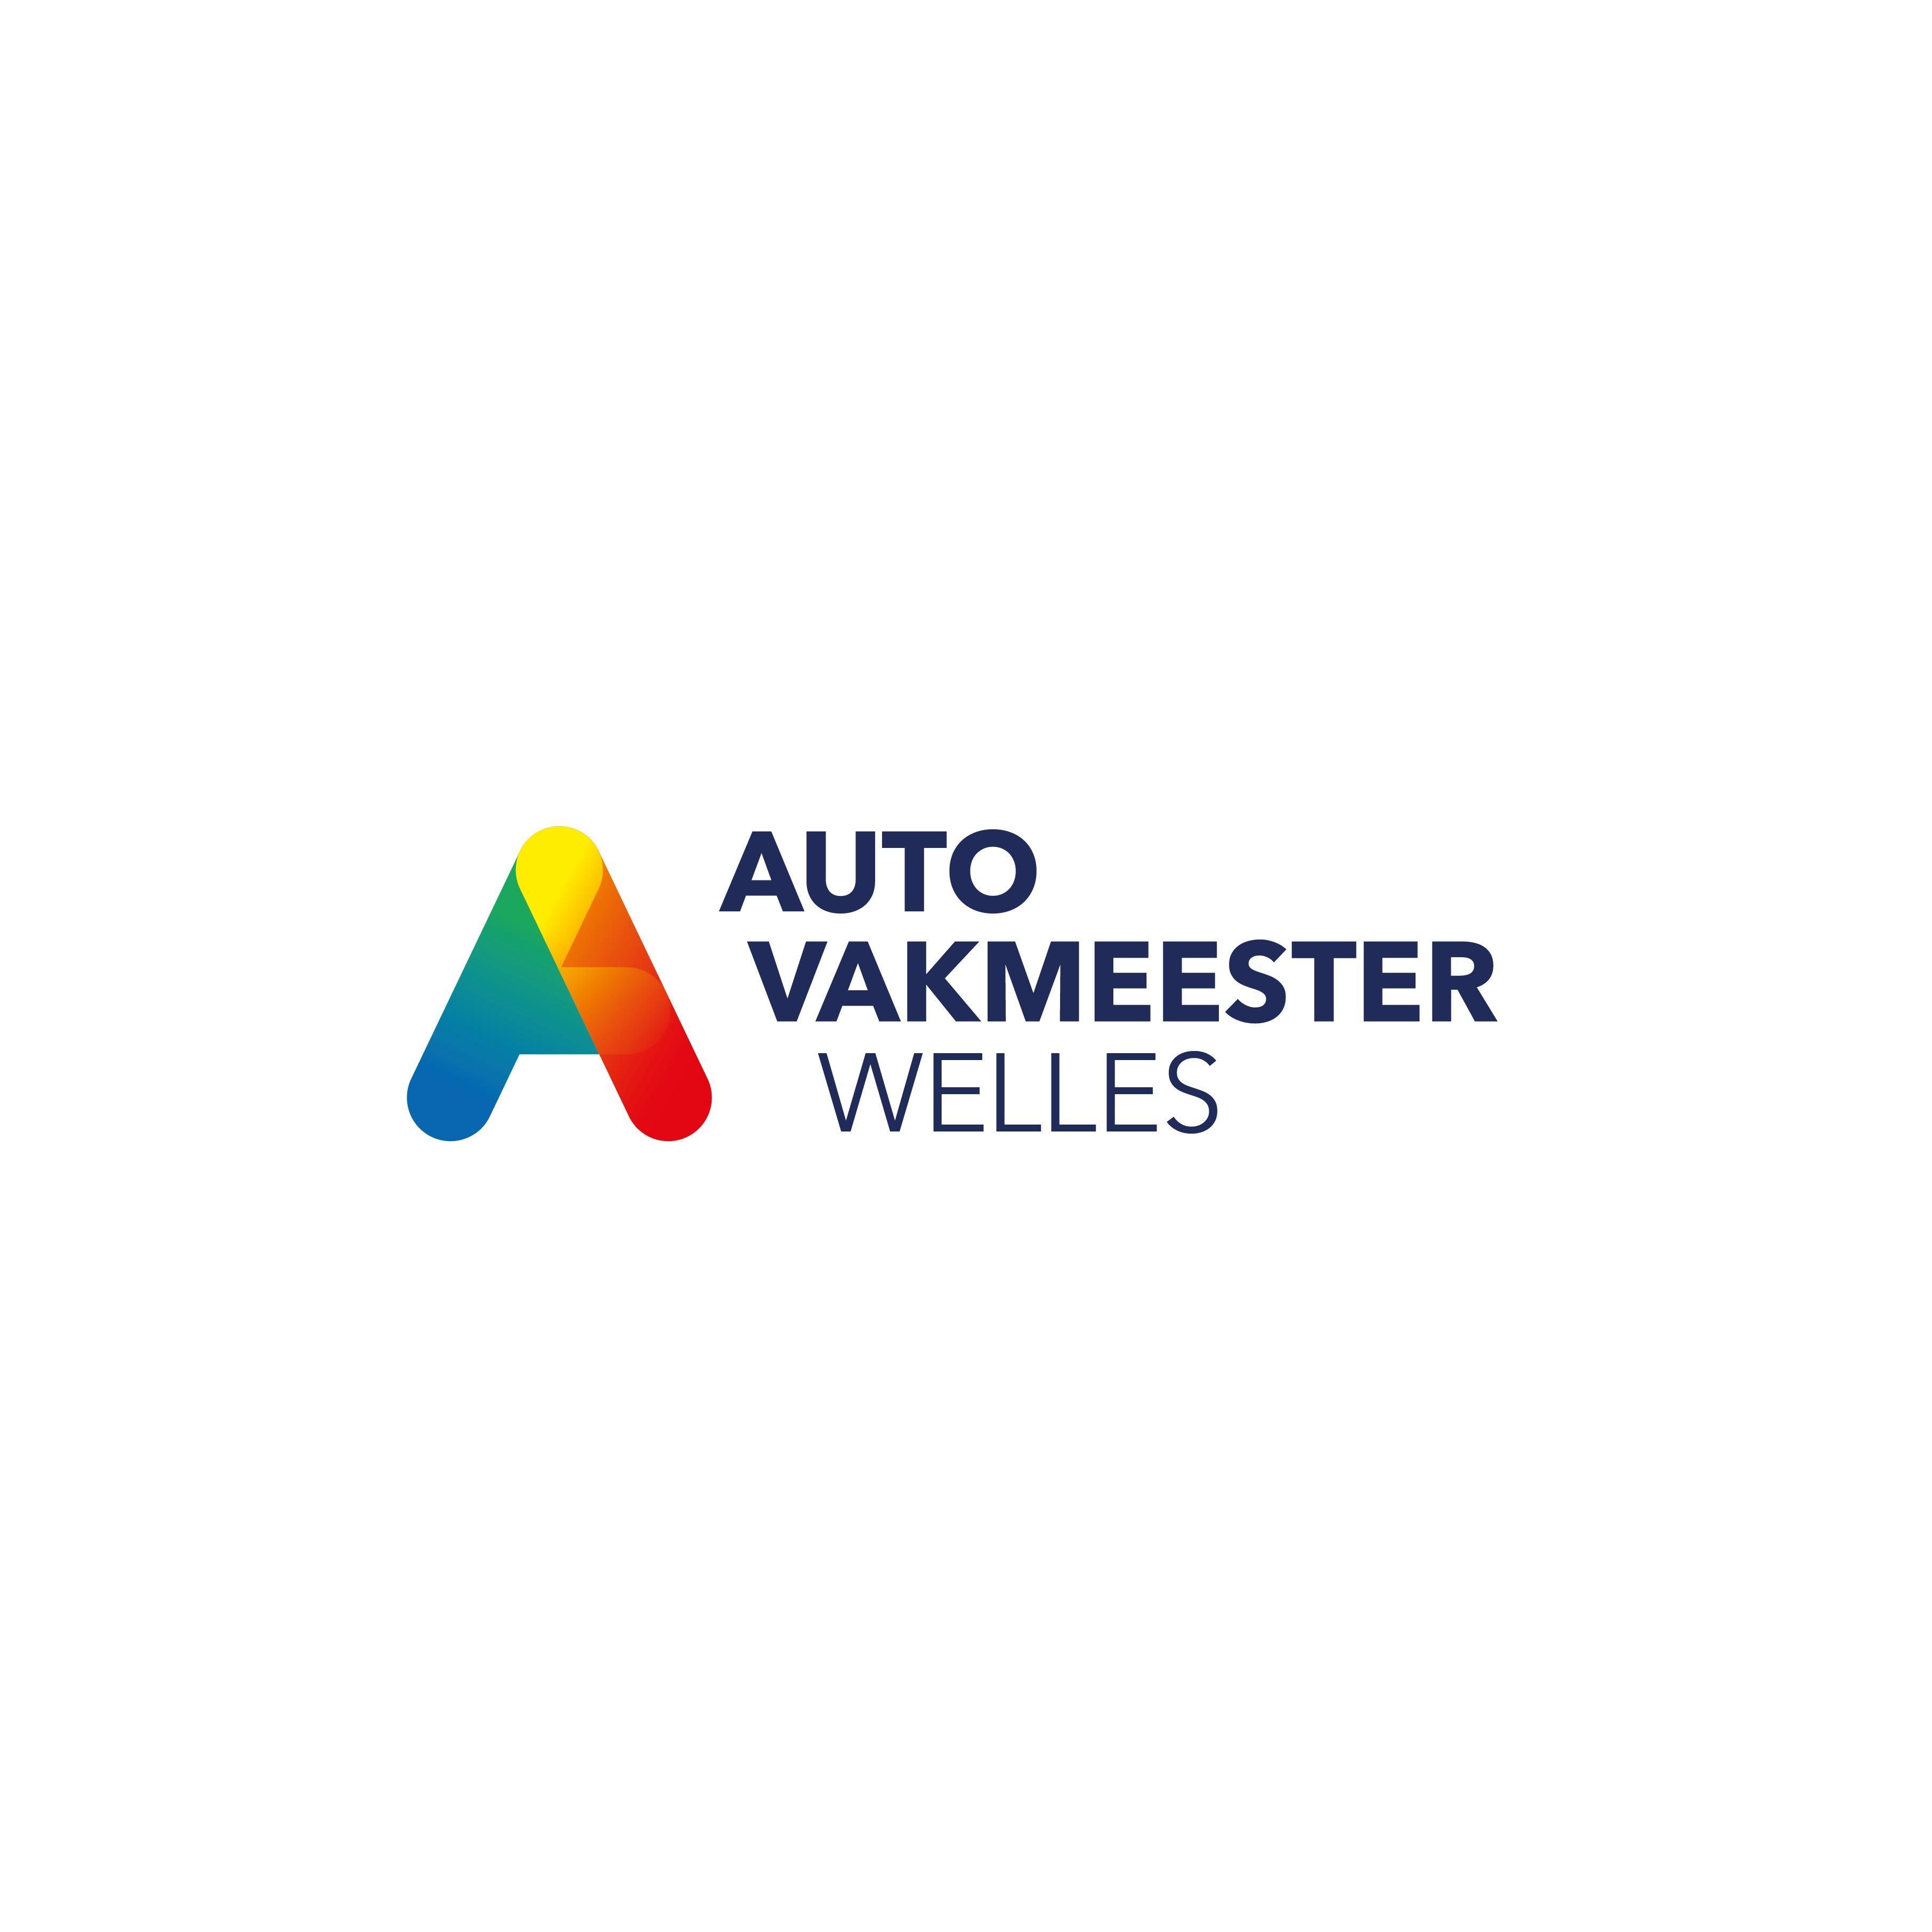 Autovakmeester Welles